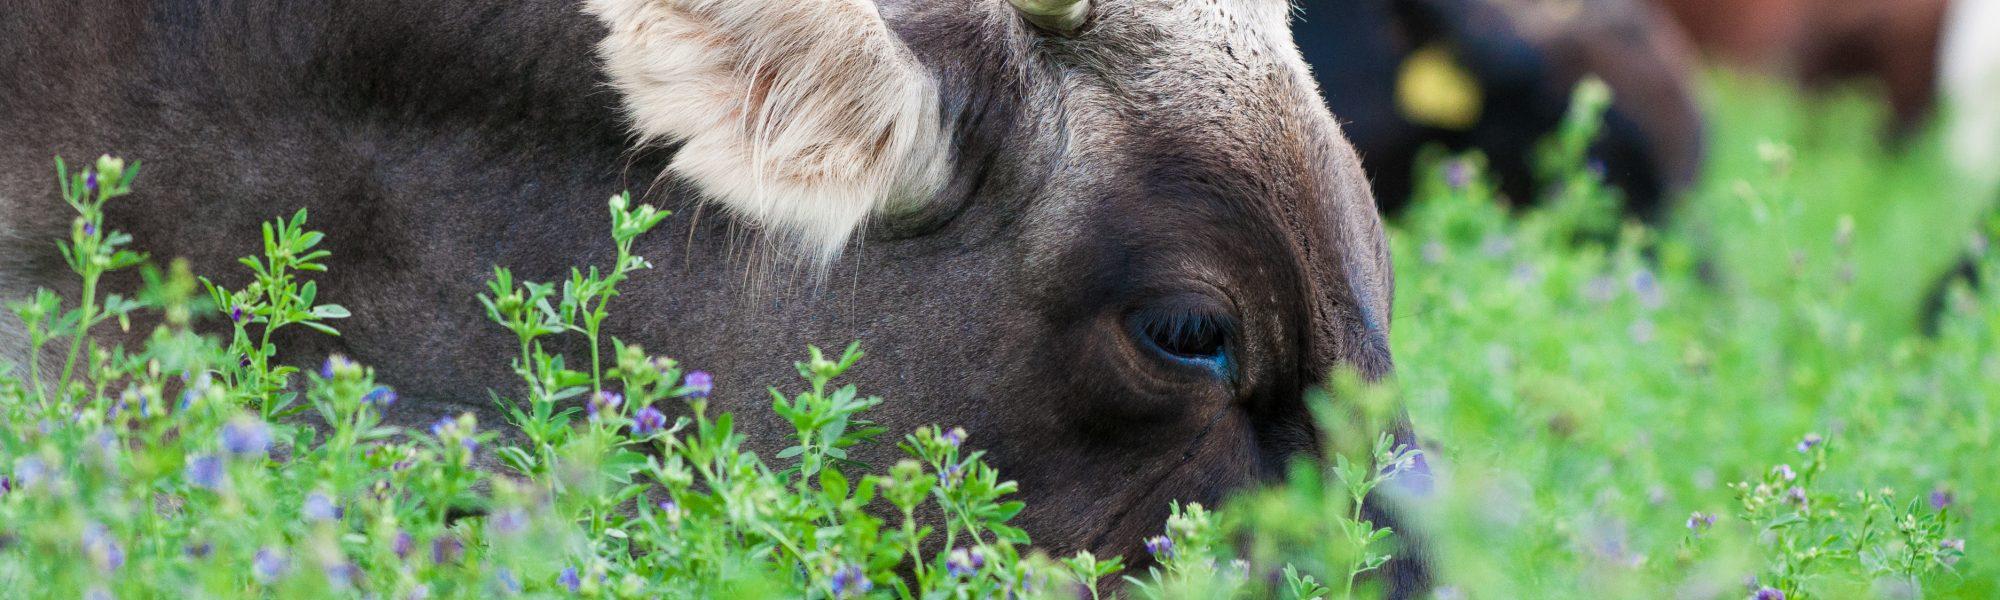 Freiland-Tagung Freilandhaltung Rind Mutterkuhhaltung Bio